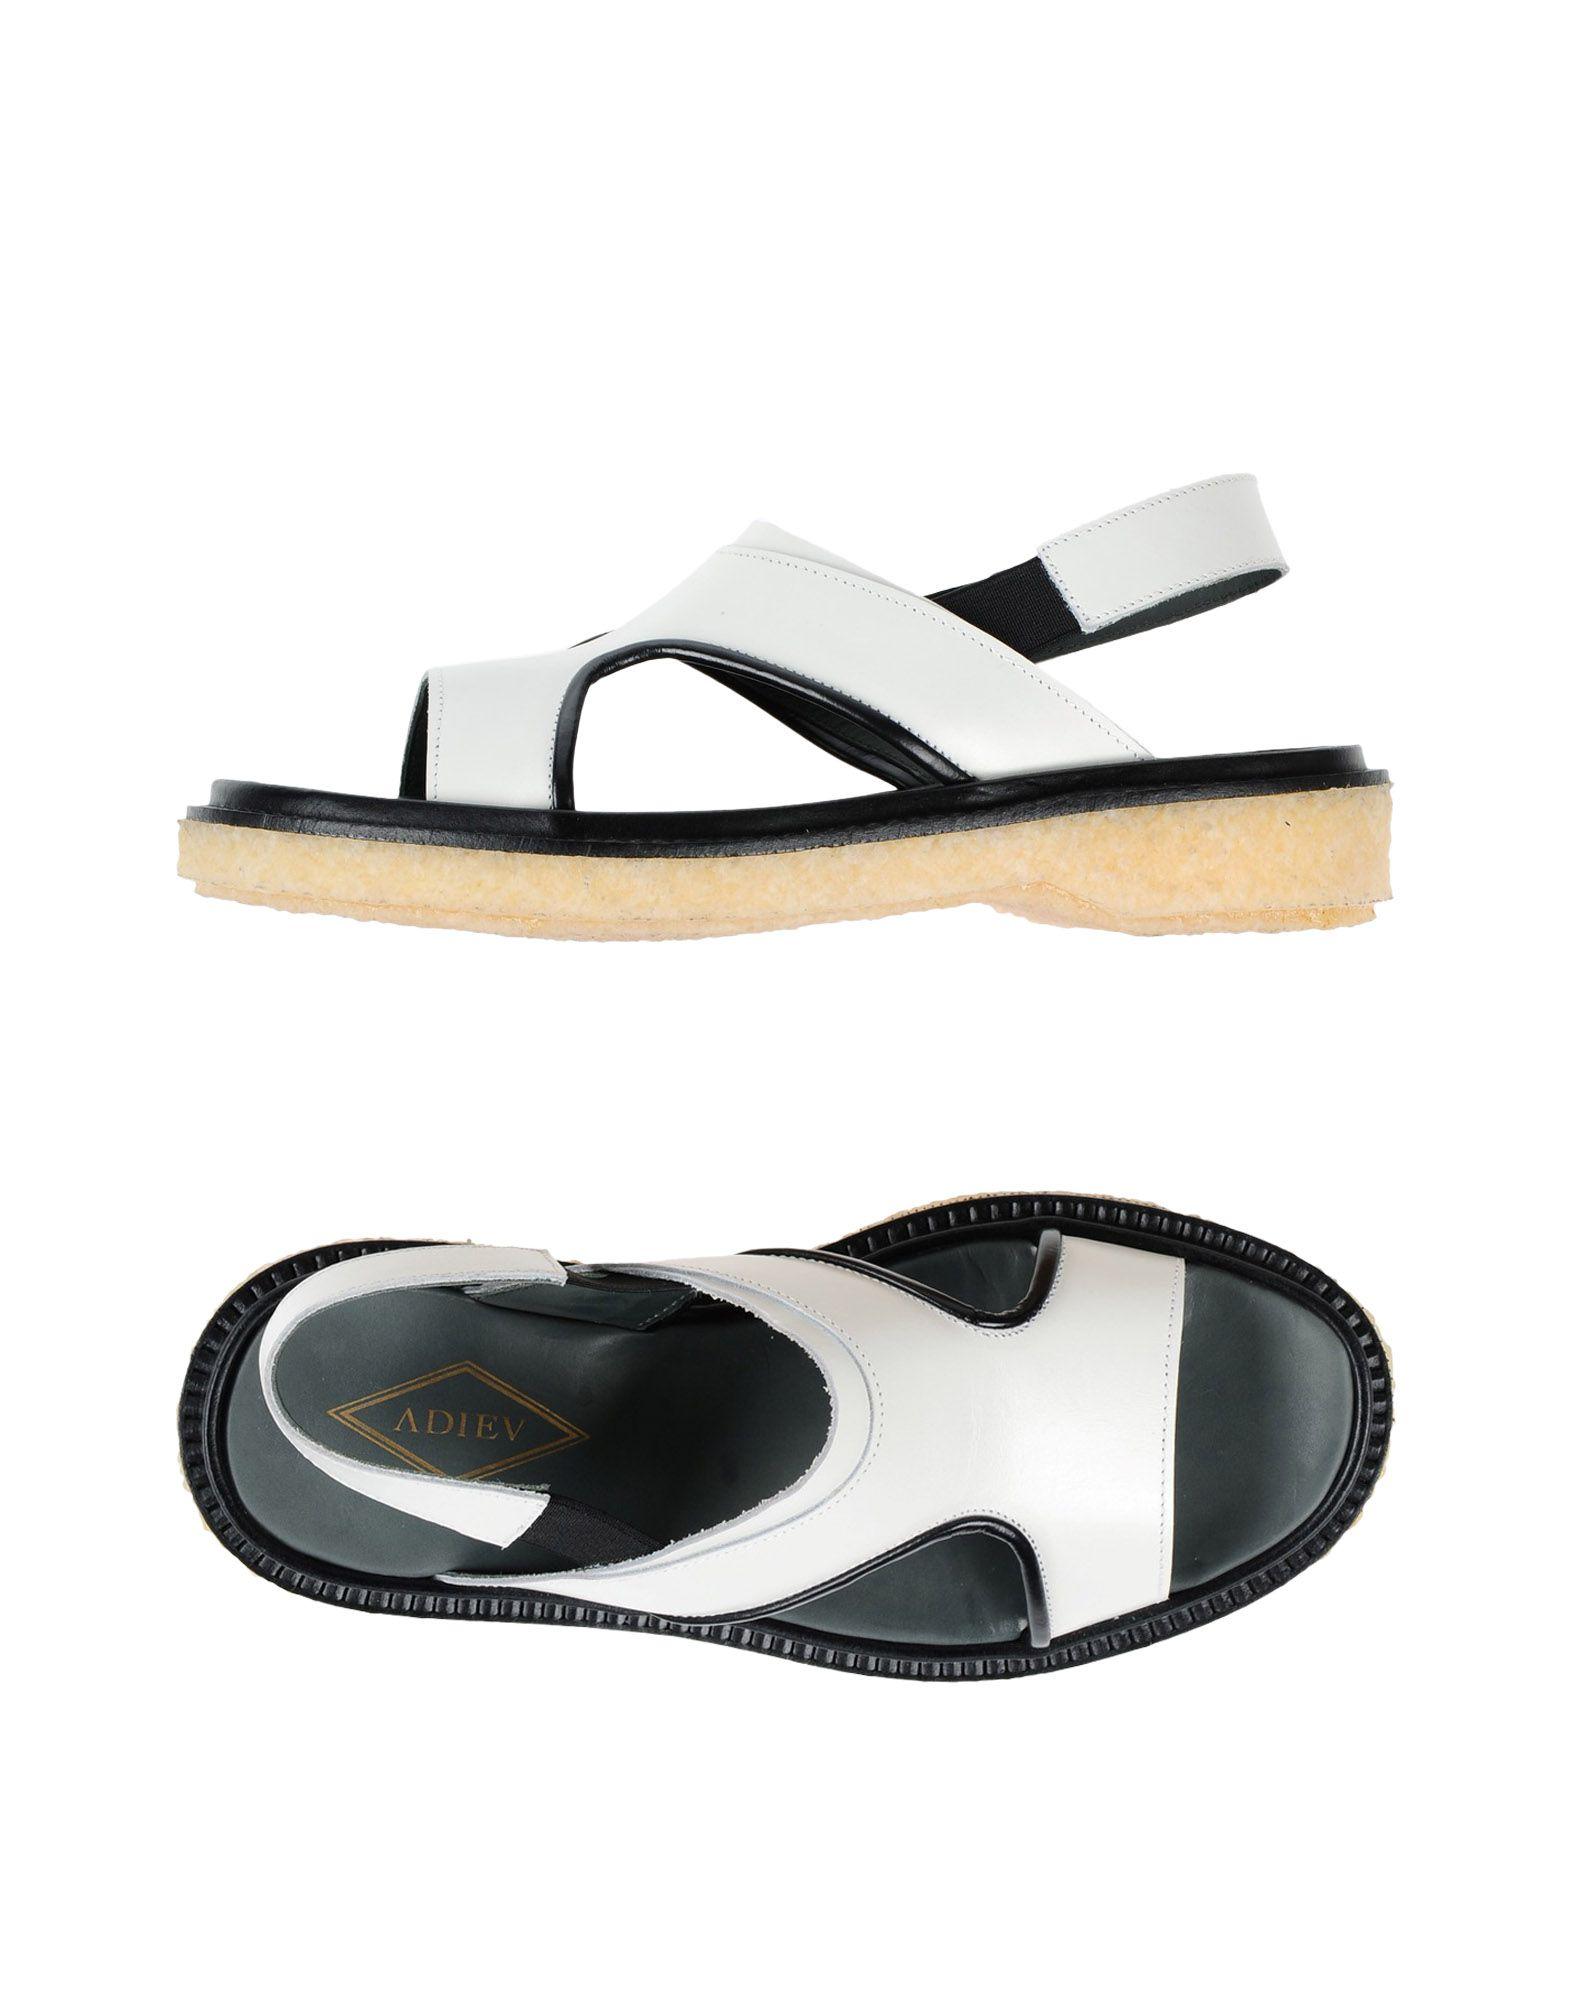 Sandales Adieu Femme - Sandales Adieu sur